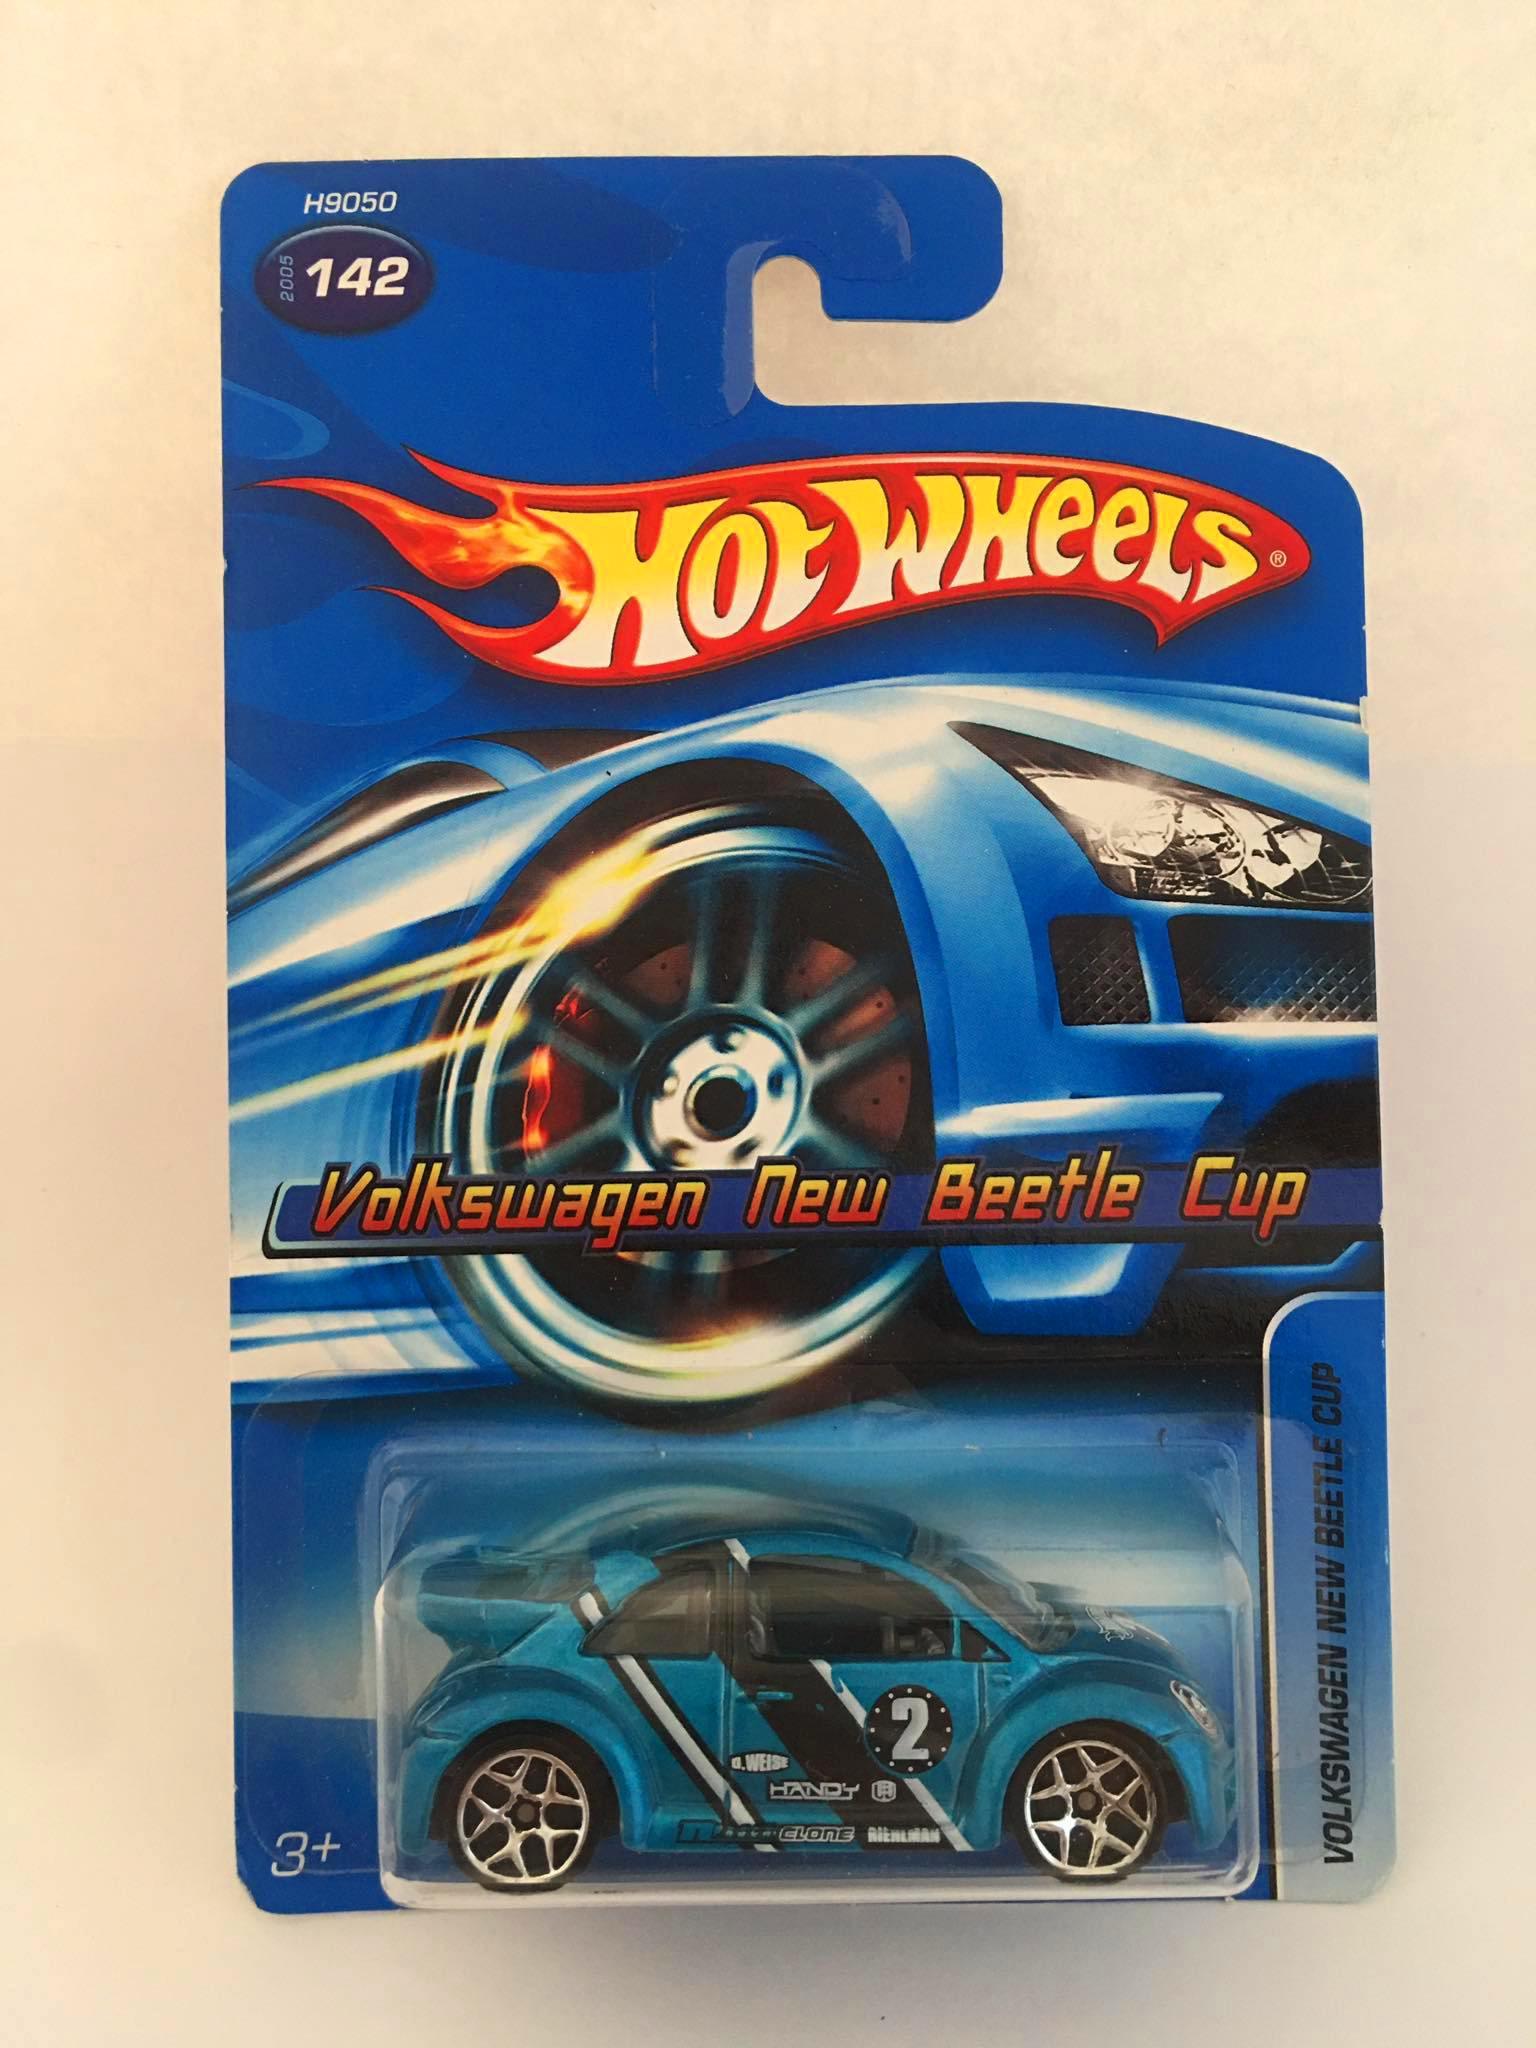 Hot Wheels - Volkswagen New Beetle Cup Azul - Mainline 2005